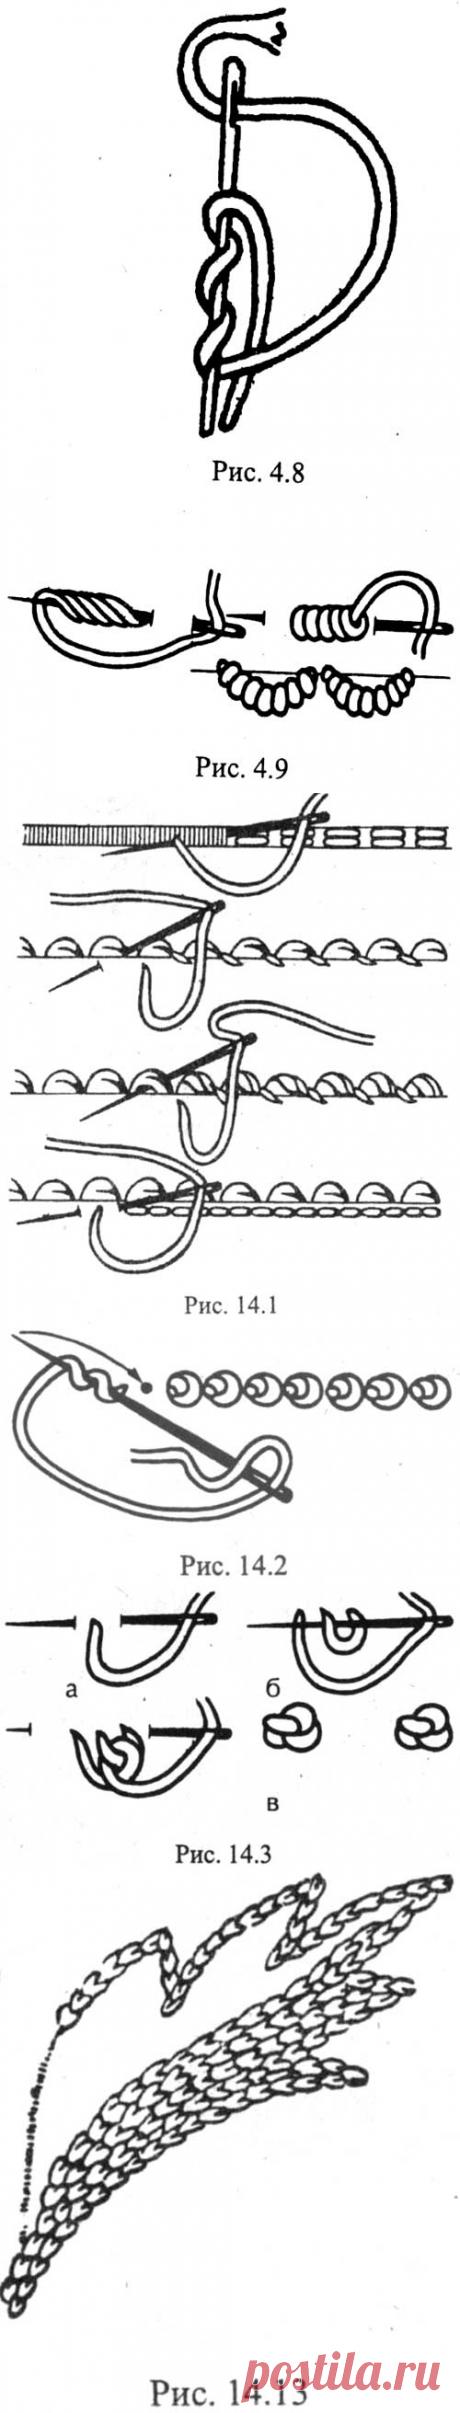 Самоделки: Уроки вышивания. Урок 14 - швы, заменяющие гладь, зубчики, цепочка из узелков, двойной узелок, непрерывная цепочка из узелков, или коралловый шов, цепочка из двойных узелков, китайский узелок, шов из узелков-бусинок, или жемчужный шов, стебельчатый шов с узелками, армянский шов, шов полуцепочкой с узелками, или спиральный, шов цепочкой с узелками, крестообразный шов с узелками, зигзаг, елочка, петельный шов с узелками, крученый тамбурный шов, двухцветный тамбурный шов, двойной тамбур